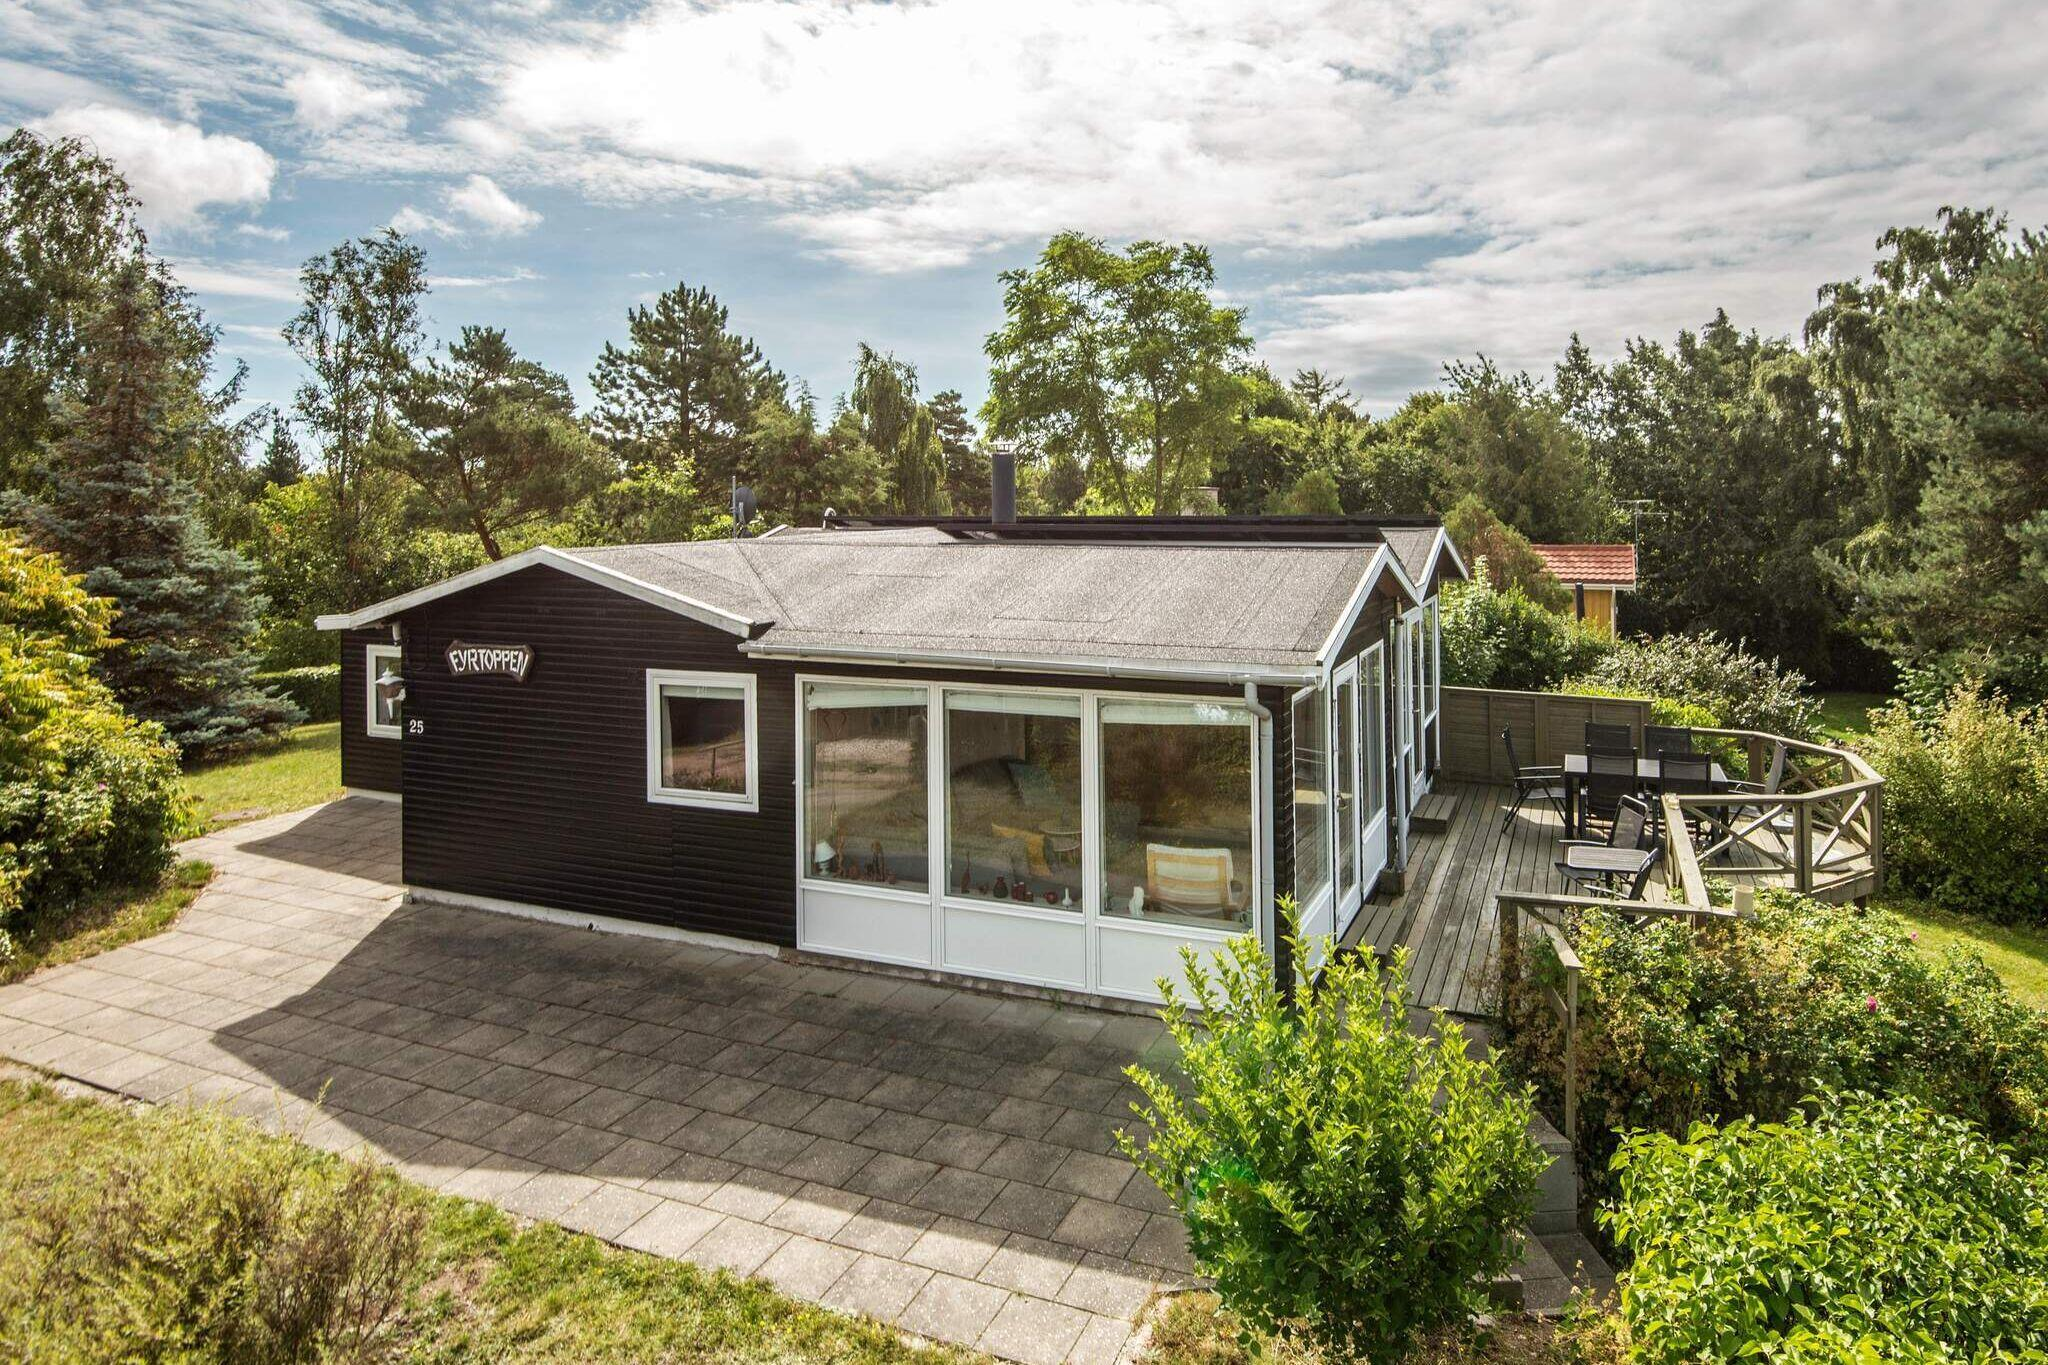 Ferienhaus in Knebel für 7 Personen